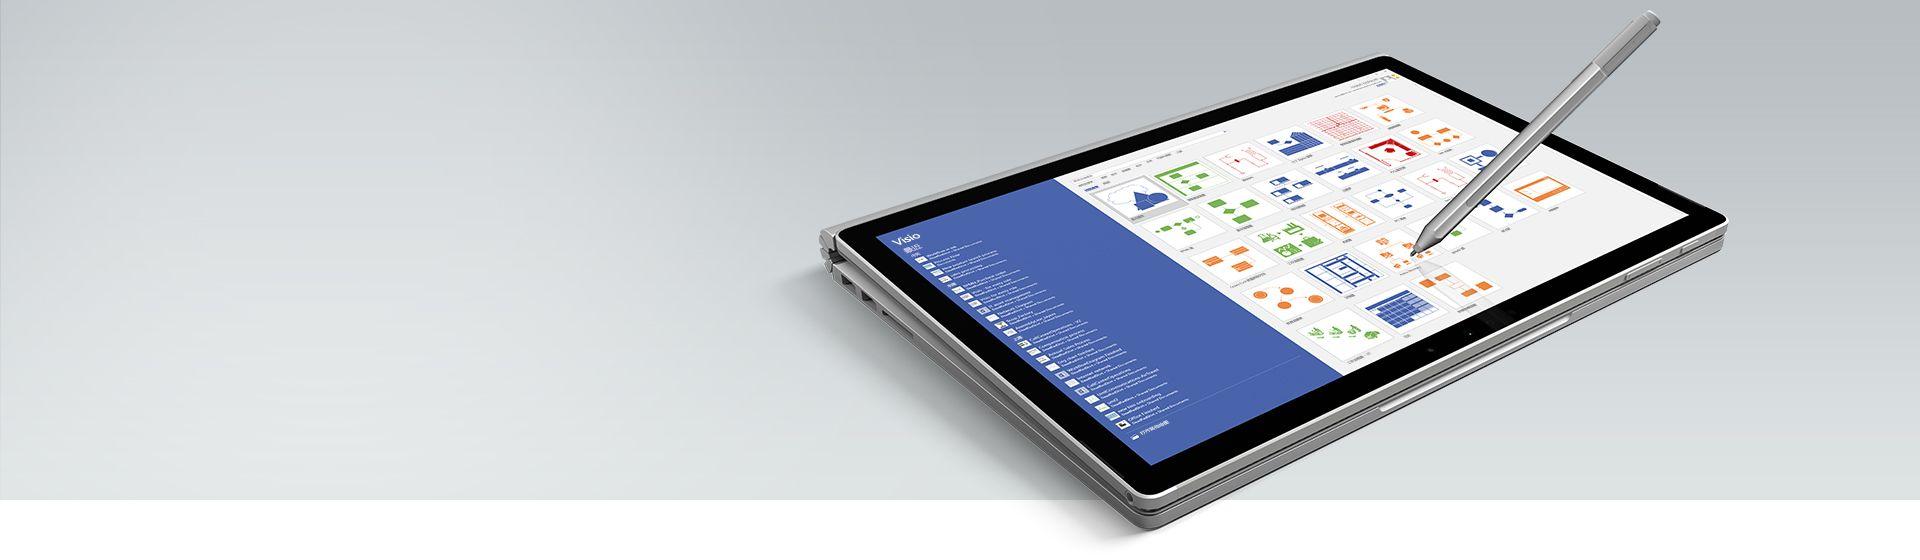 一个平板电脑屏幕,显示 Visio 中的可用模板和最近文件列表